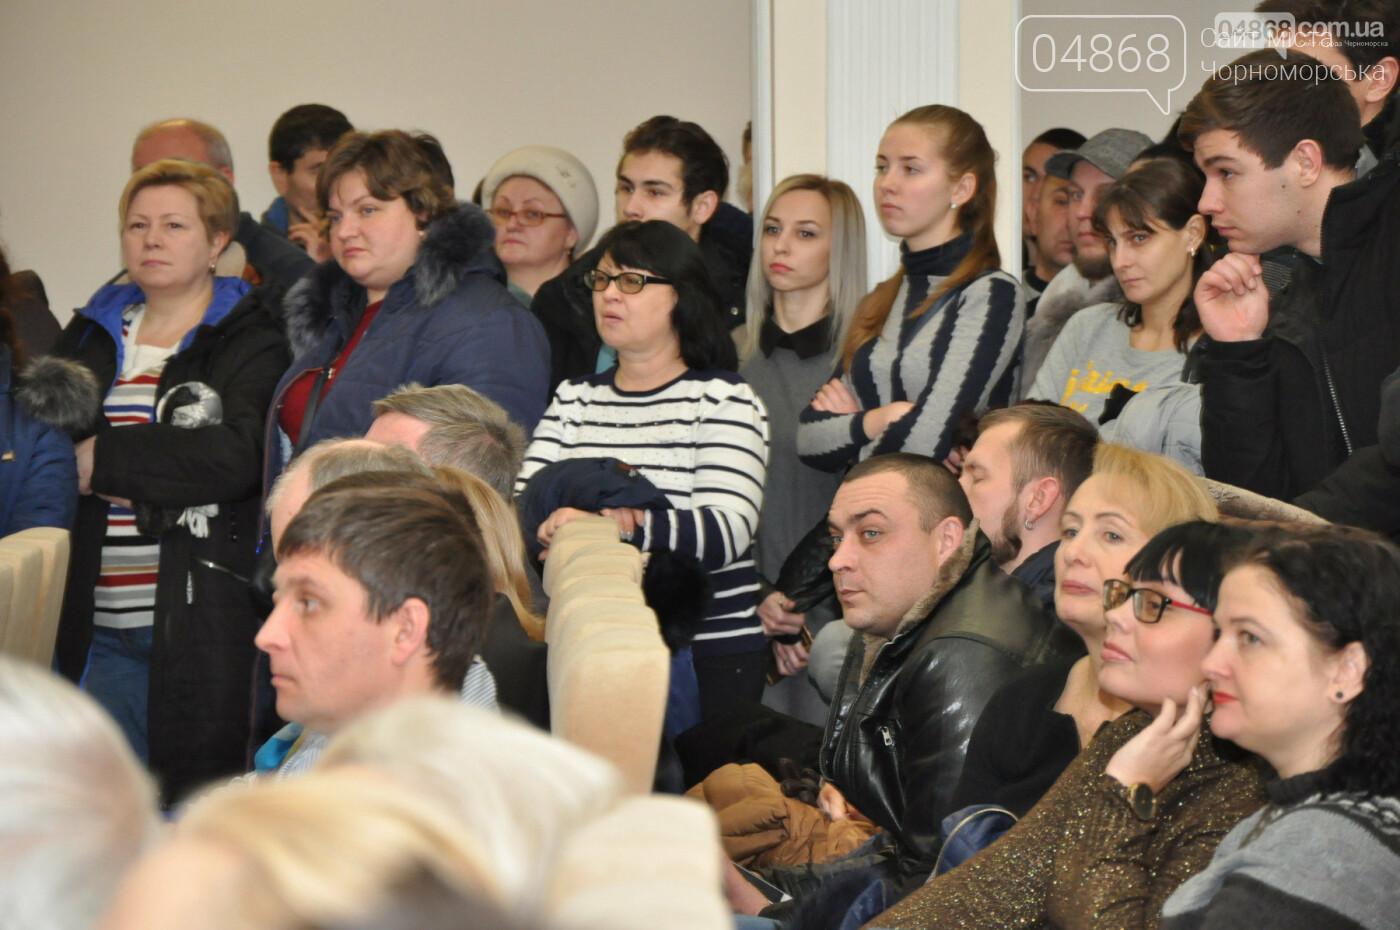 Бунт на корабле, или что произошло на сессии городского совета в Черноморске?, фото-4